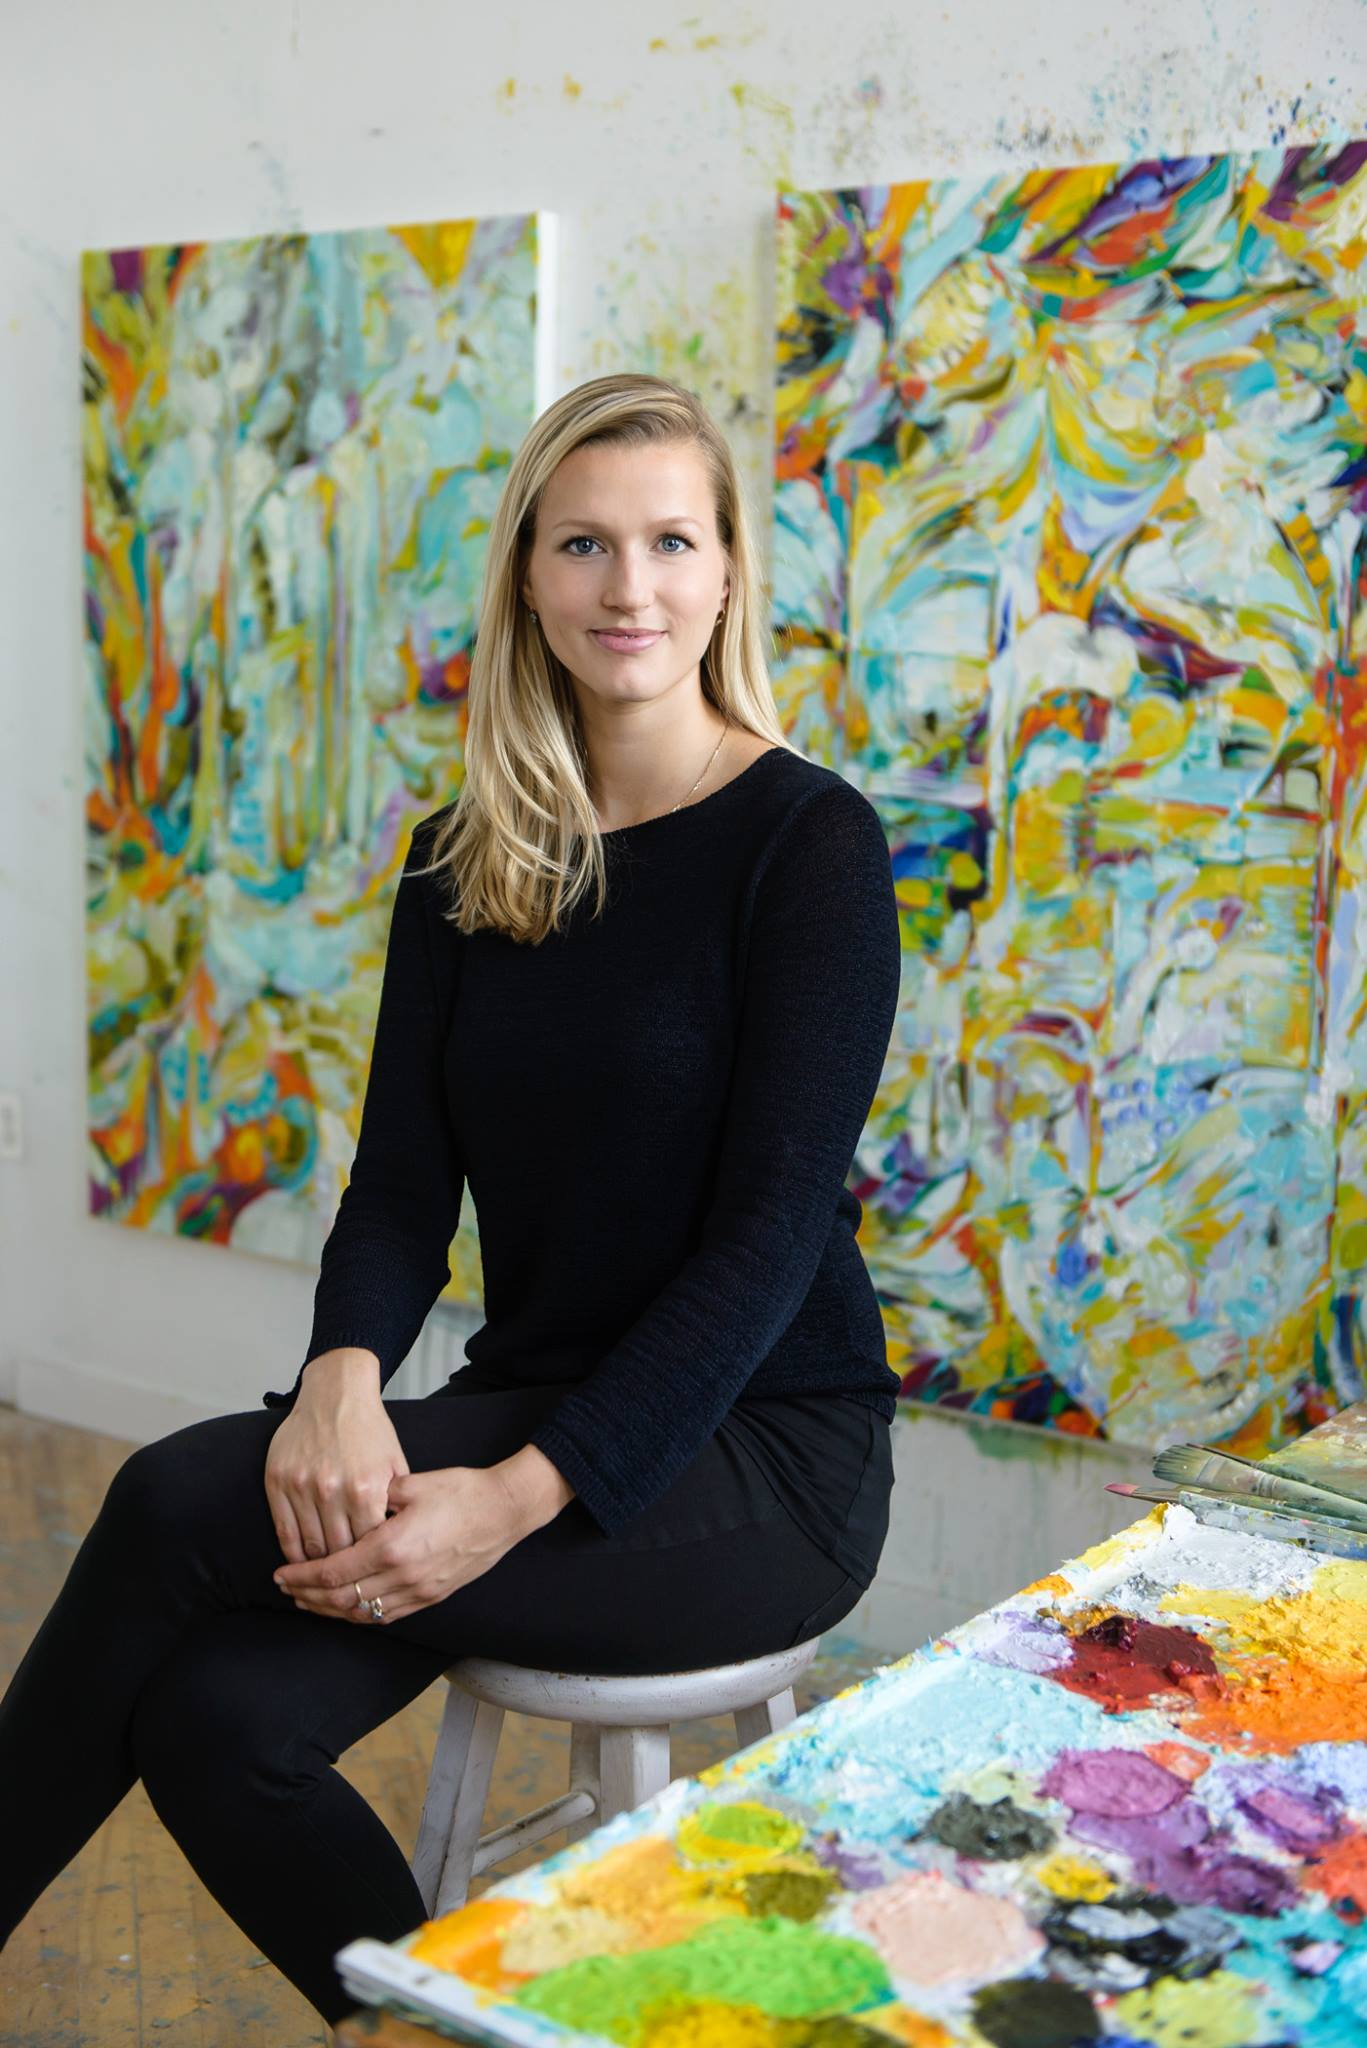 Wróbel in her studio in Somerville